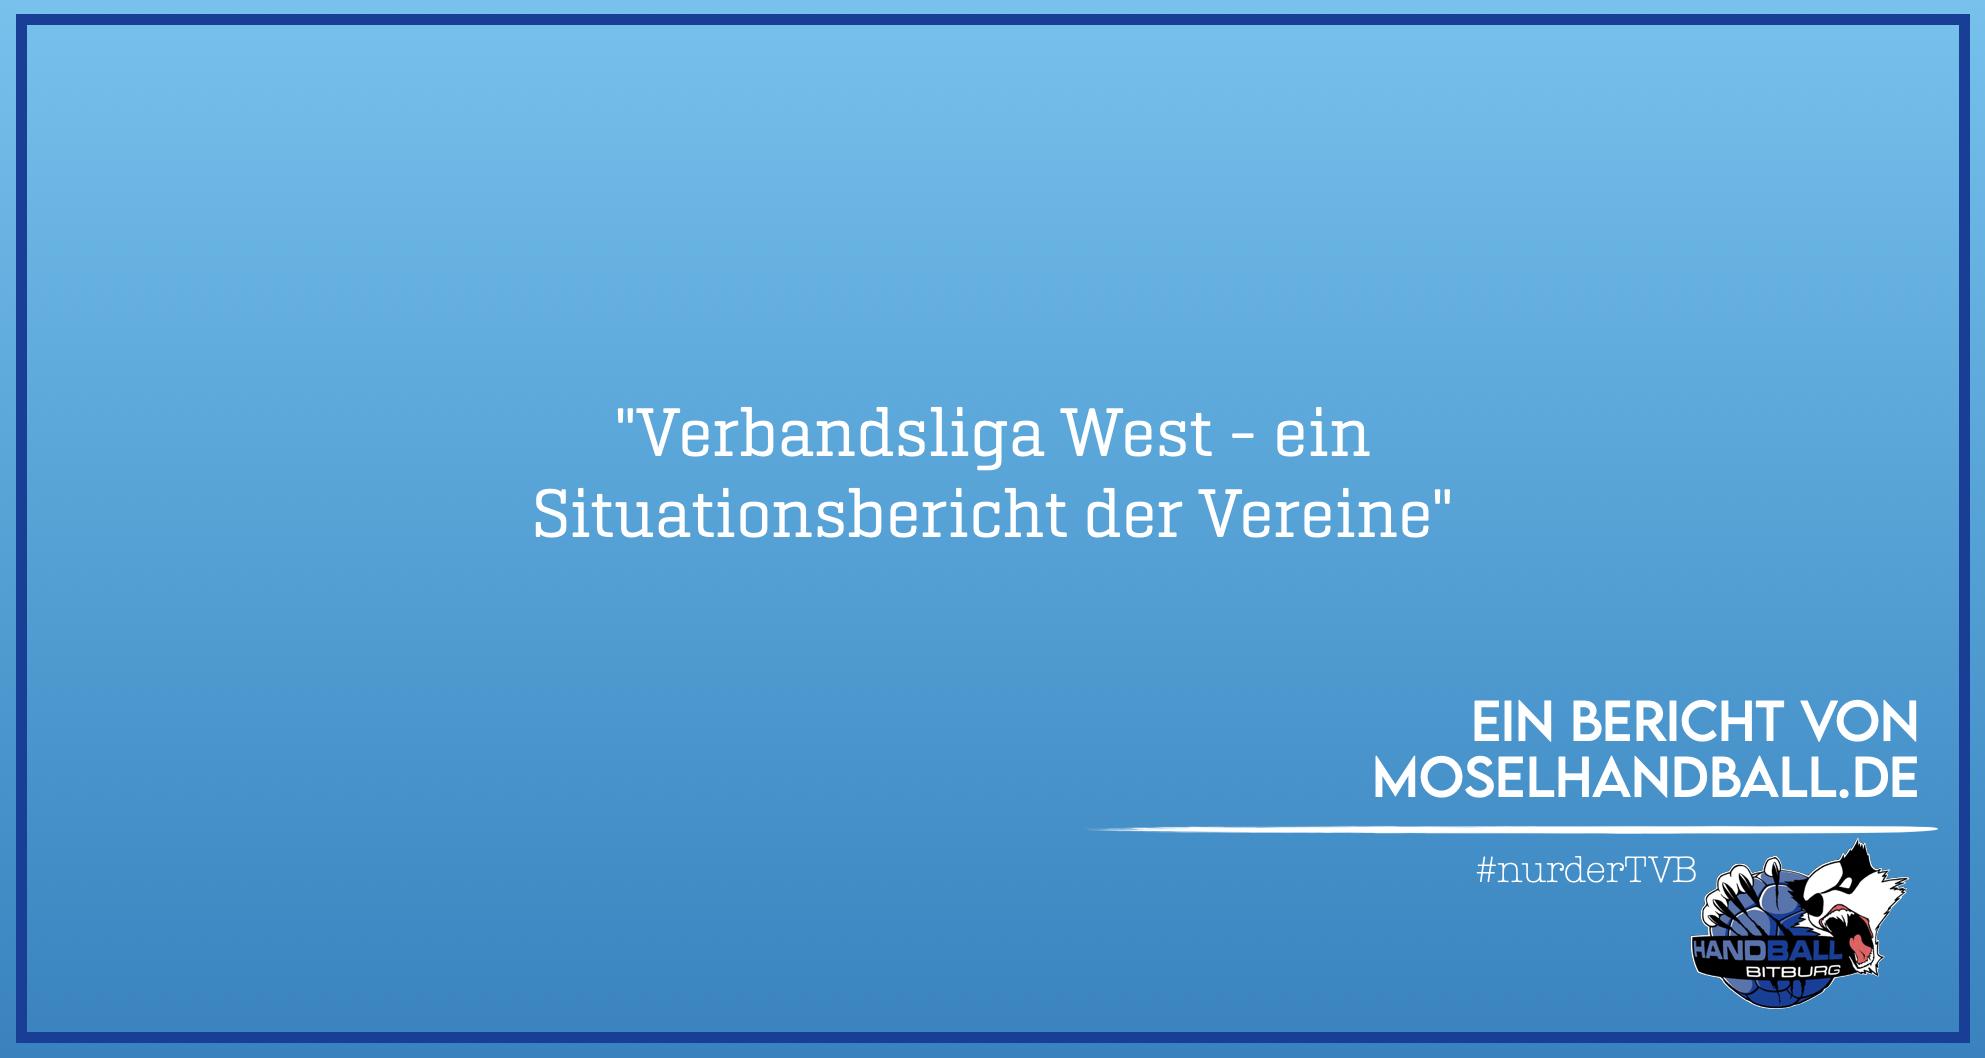 Moselhandball.de: Situationsbericht der Verbandsliga West